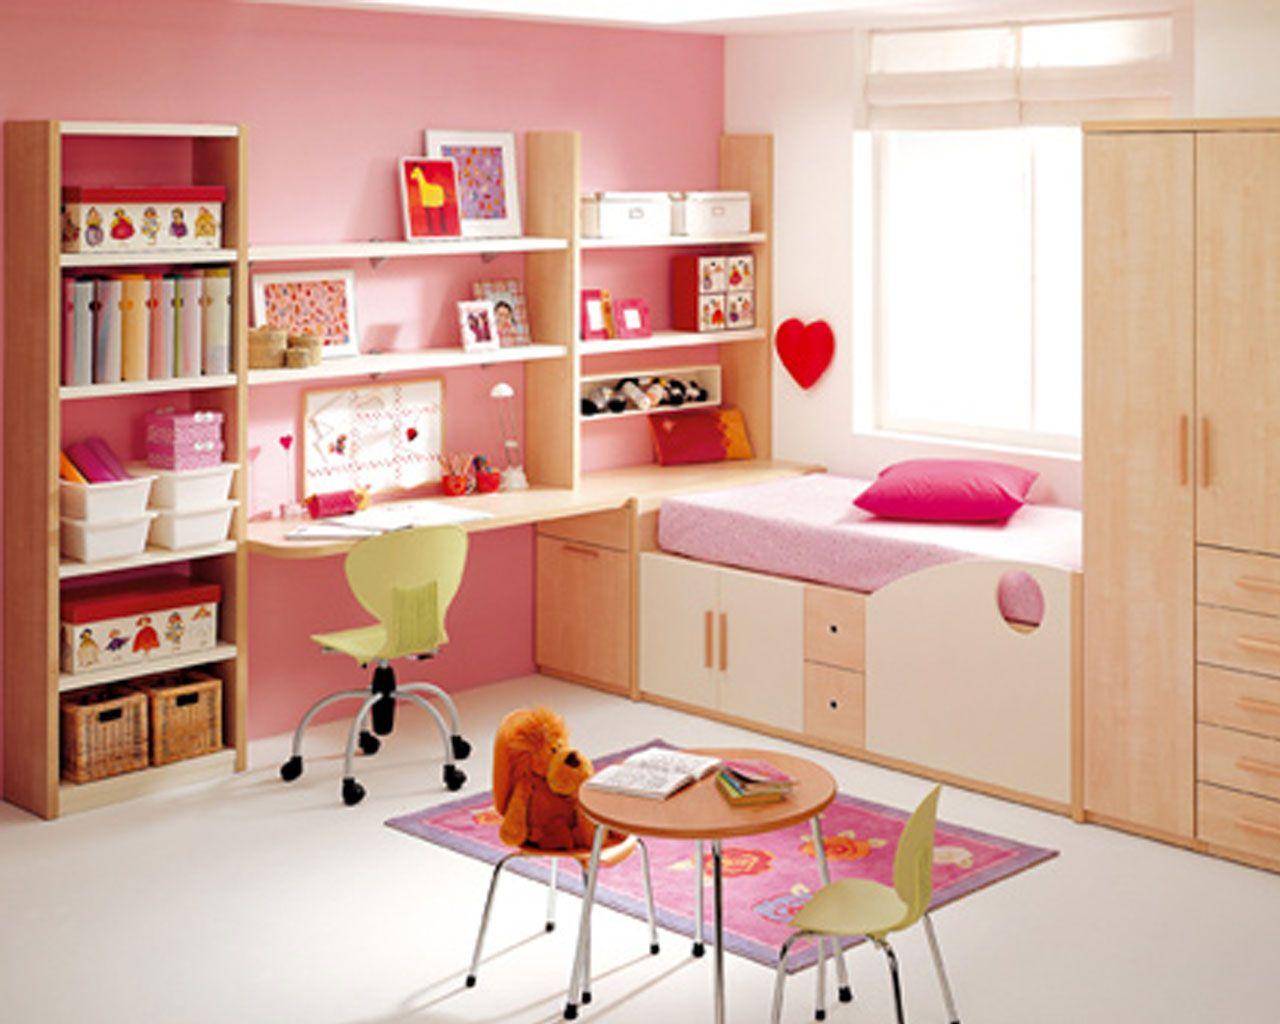 Decoracion cuarto peque o ni a decoraci n habitaciones - Decoracion de dormitorios juveniles pequenos ...